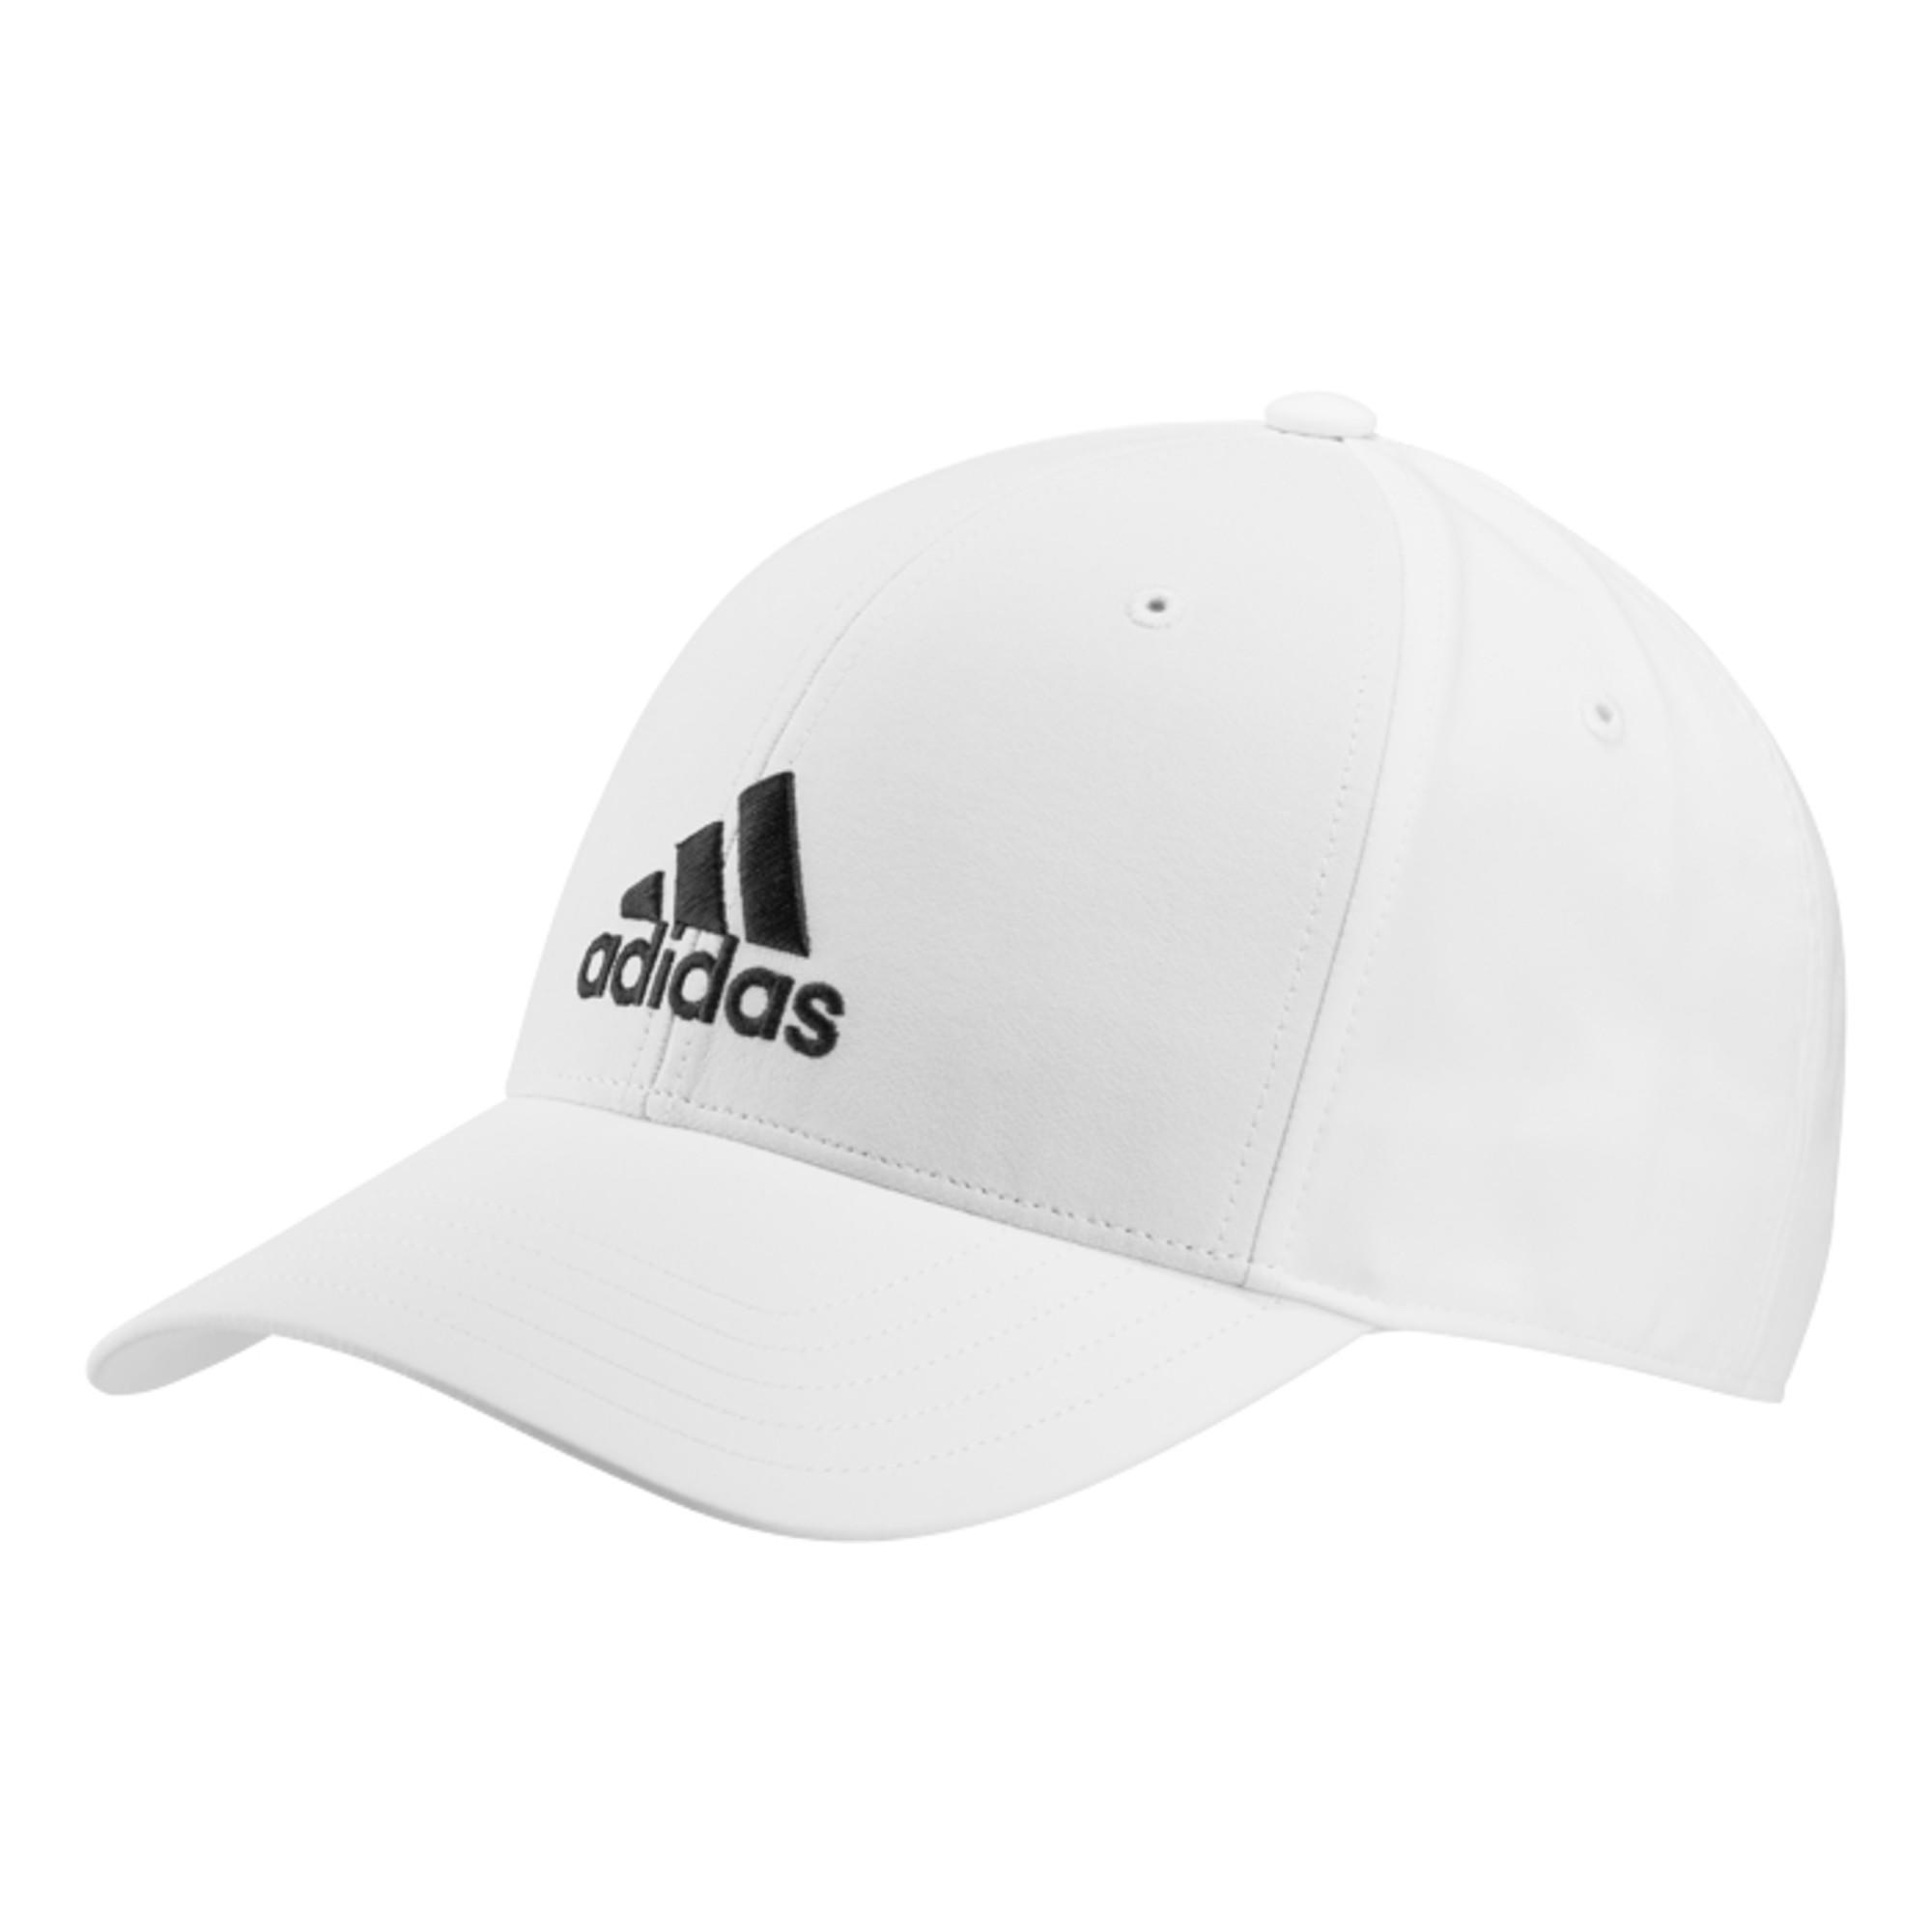 Schirmmütze Tennis-Cap Gr. 58 weiss